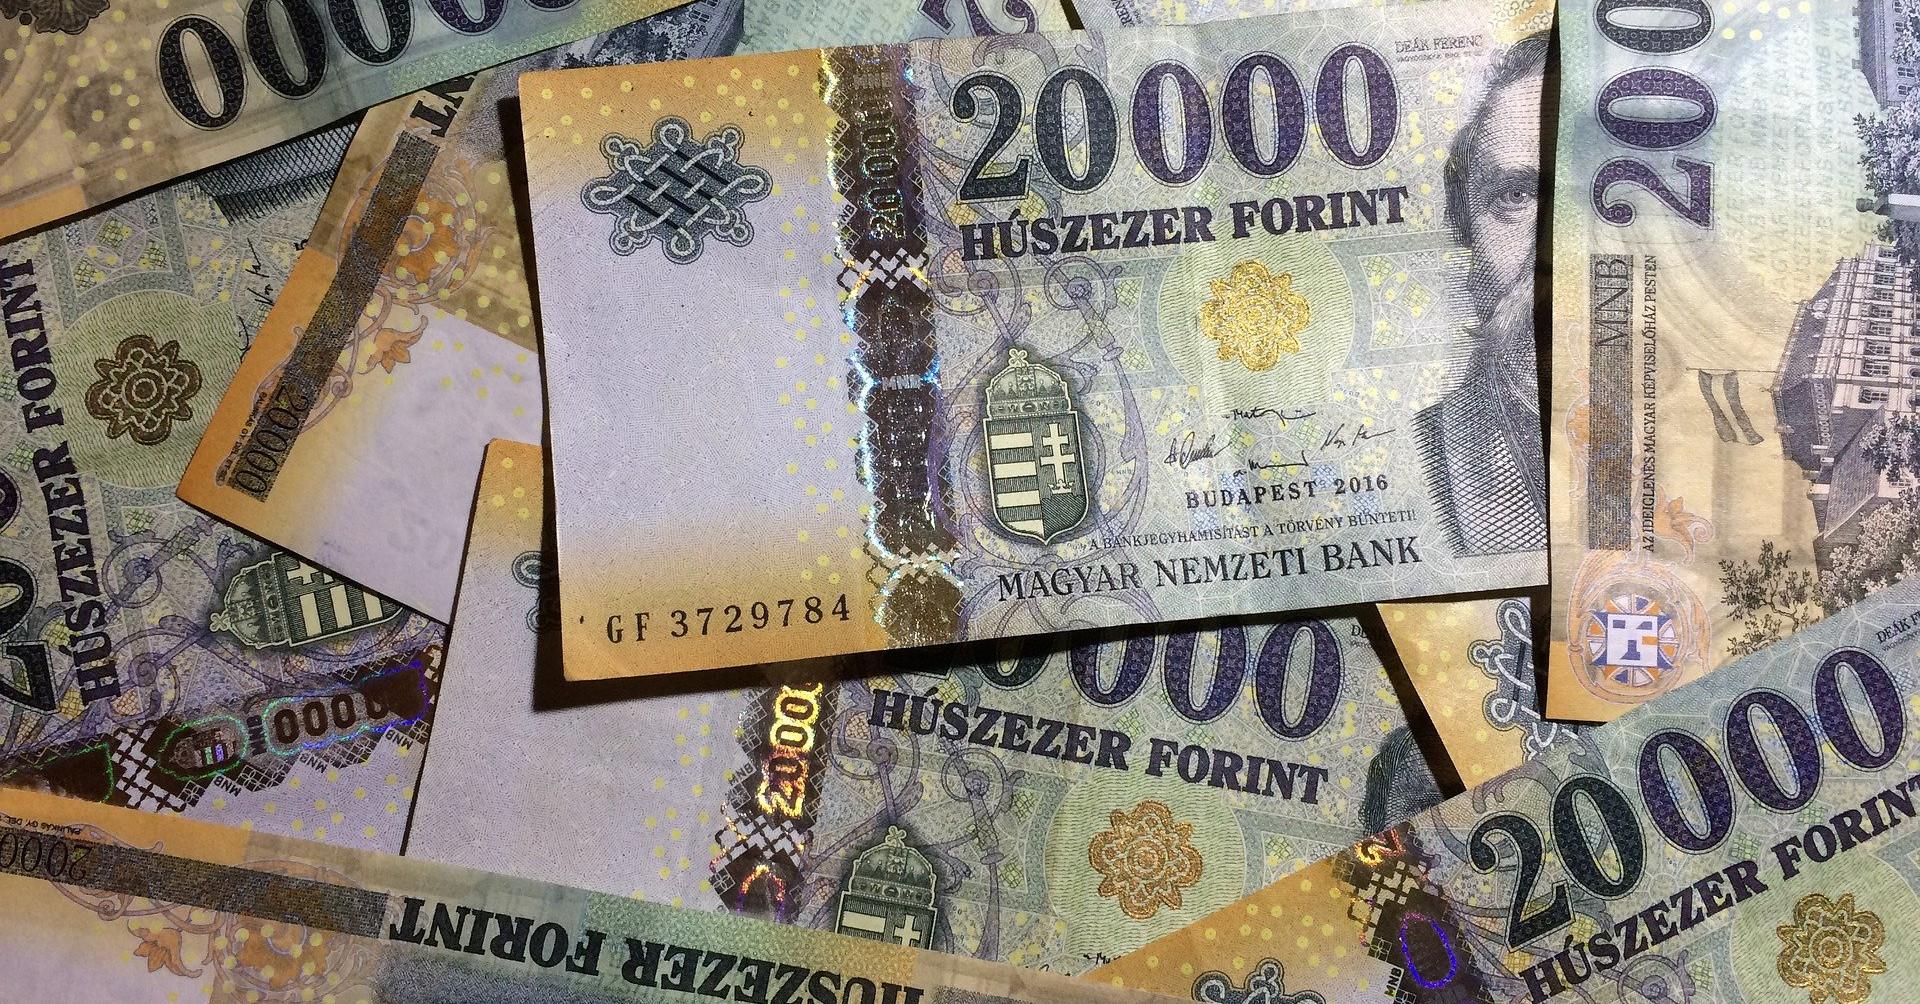 pénzt vagy pénzt keresni, hogyan helyes)